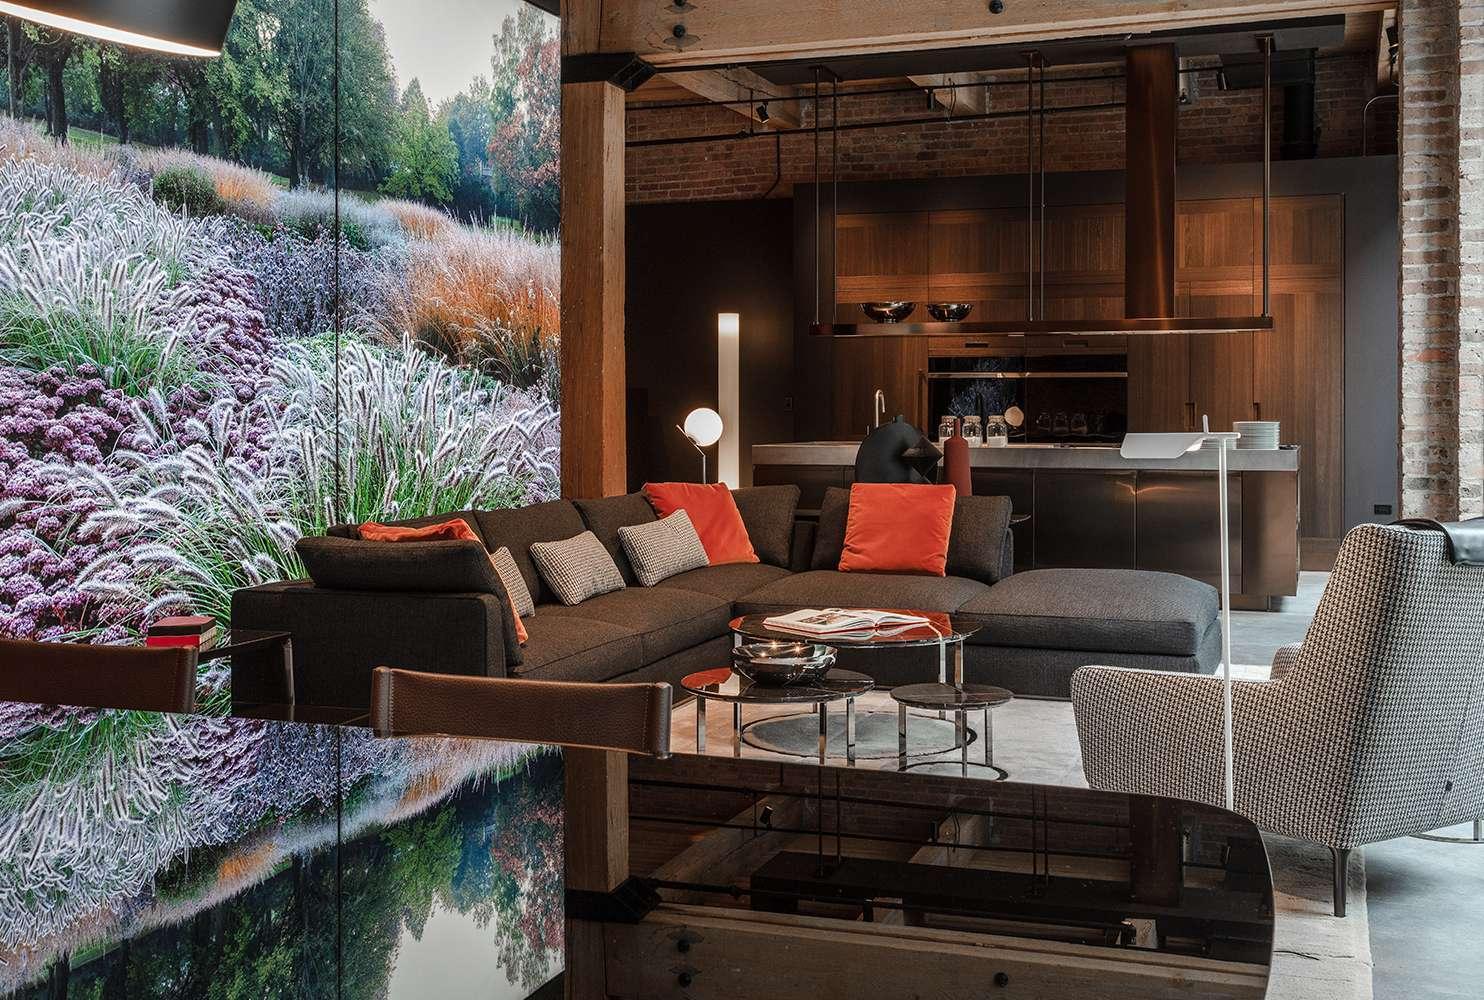 kitchen showrooms cheap curtains b italia芝加哥展厅 多品牌融合的优雅空间 设计 家b italia展厅 7000平方英尺的陈列室经过重新设计和翻新 保留了原有空间的工业特色 同时强调b italia和maxalto的优雅设计以及arclinea的高端厨房产品